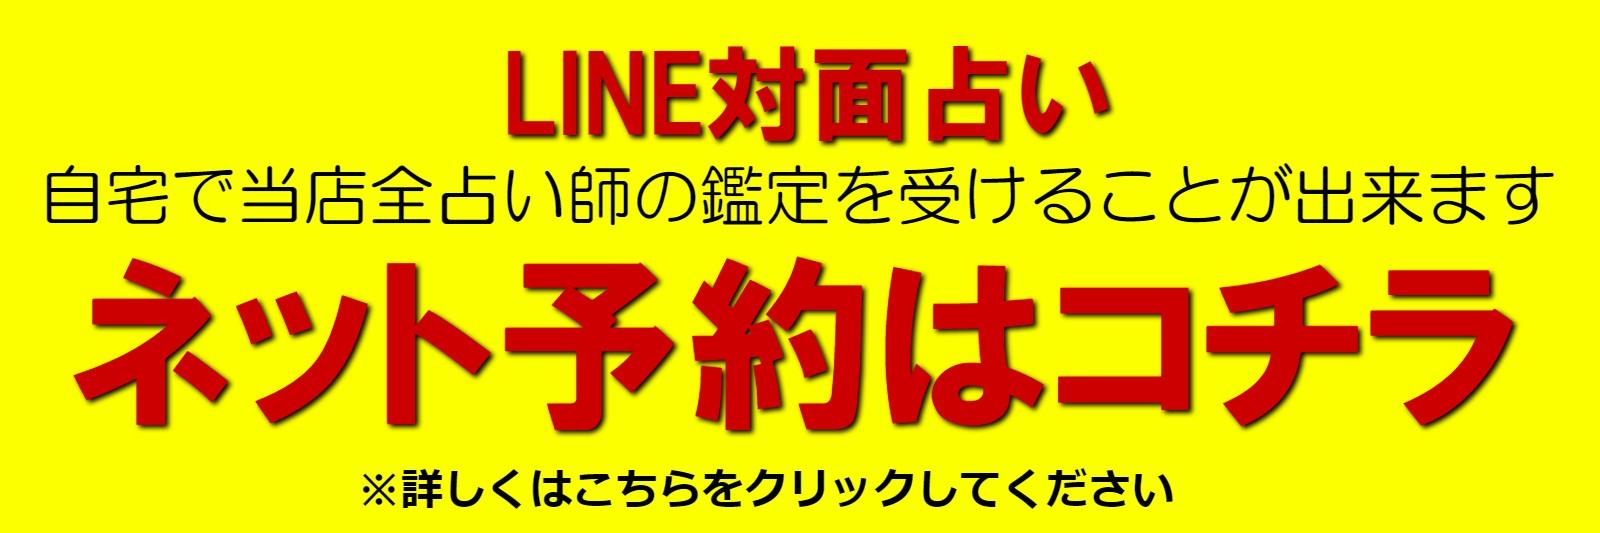 LINEのテレビ電話を活用した「LINE対面占い」のご予約はこちらです。